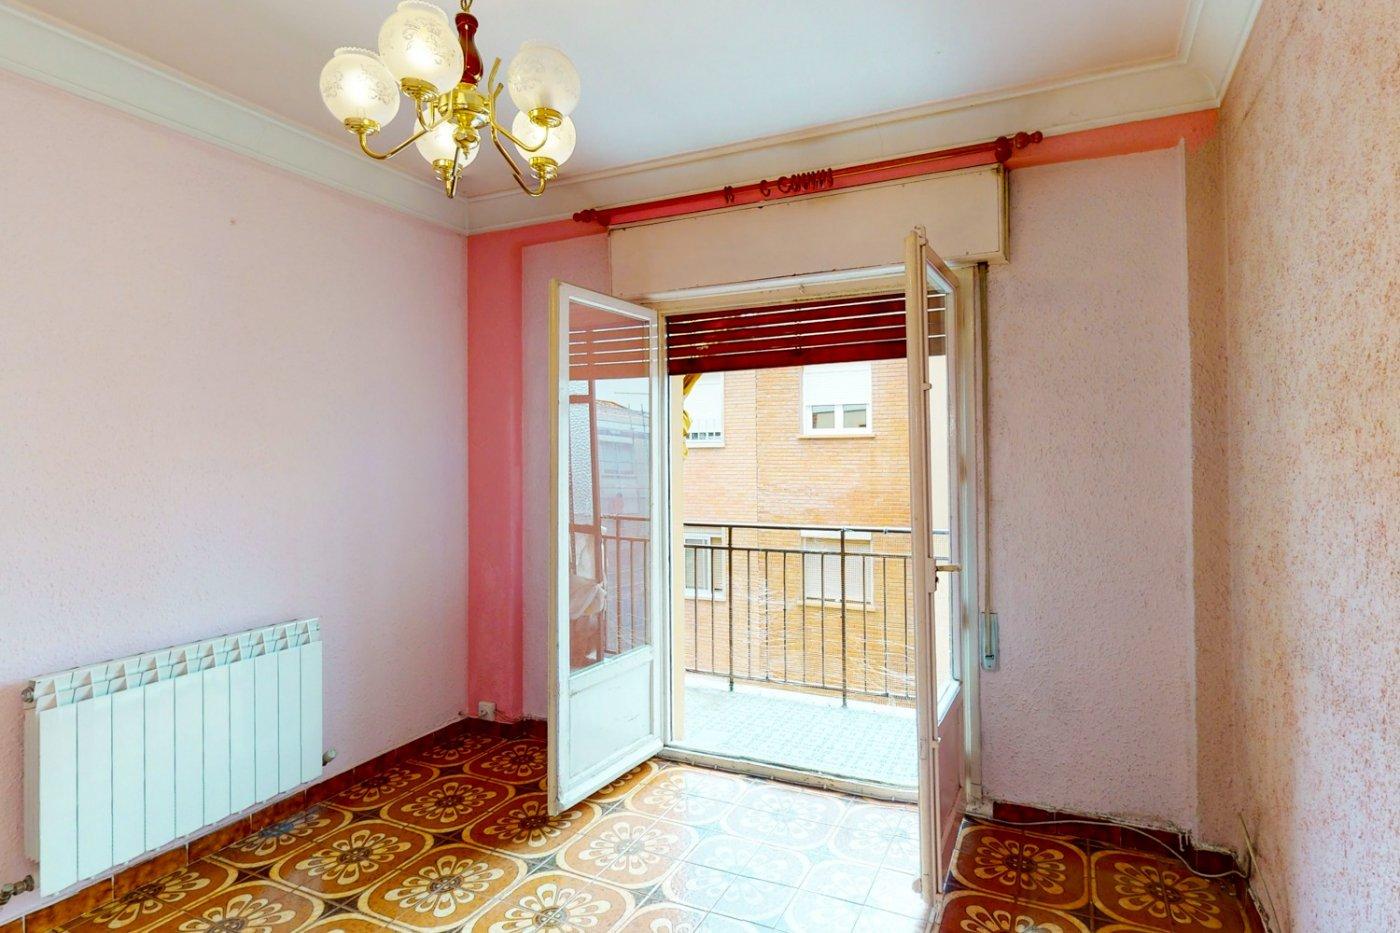 Piso a la venta en c/ lugo, exterior, de tres dormitorios, salon, cocina y baÑo. - imagenInmueble15